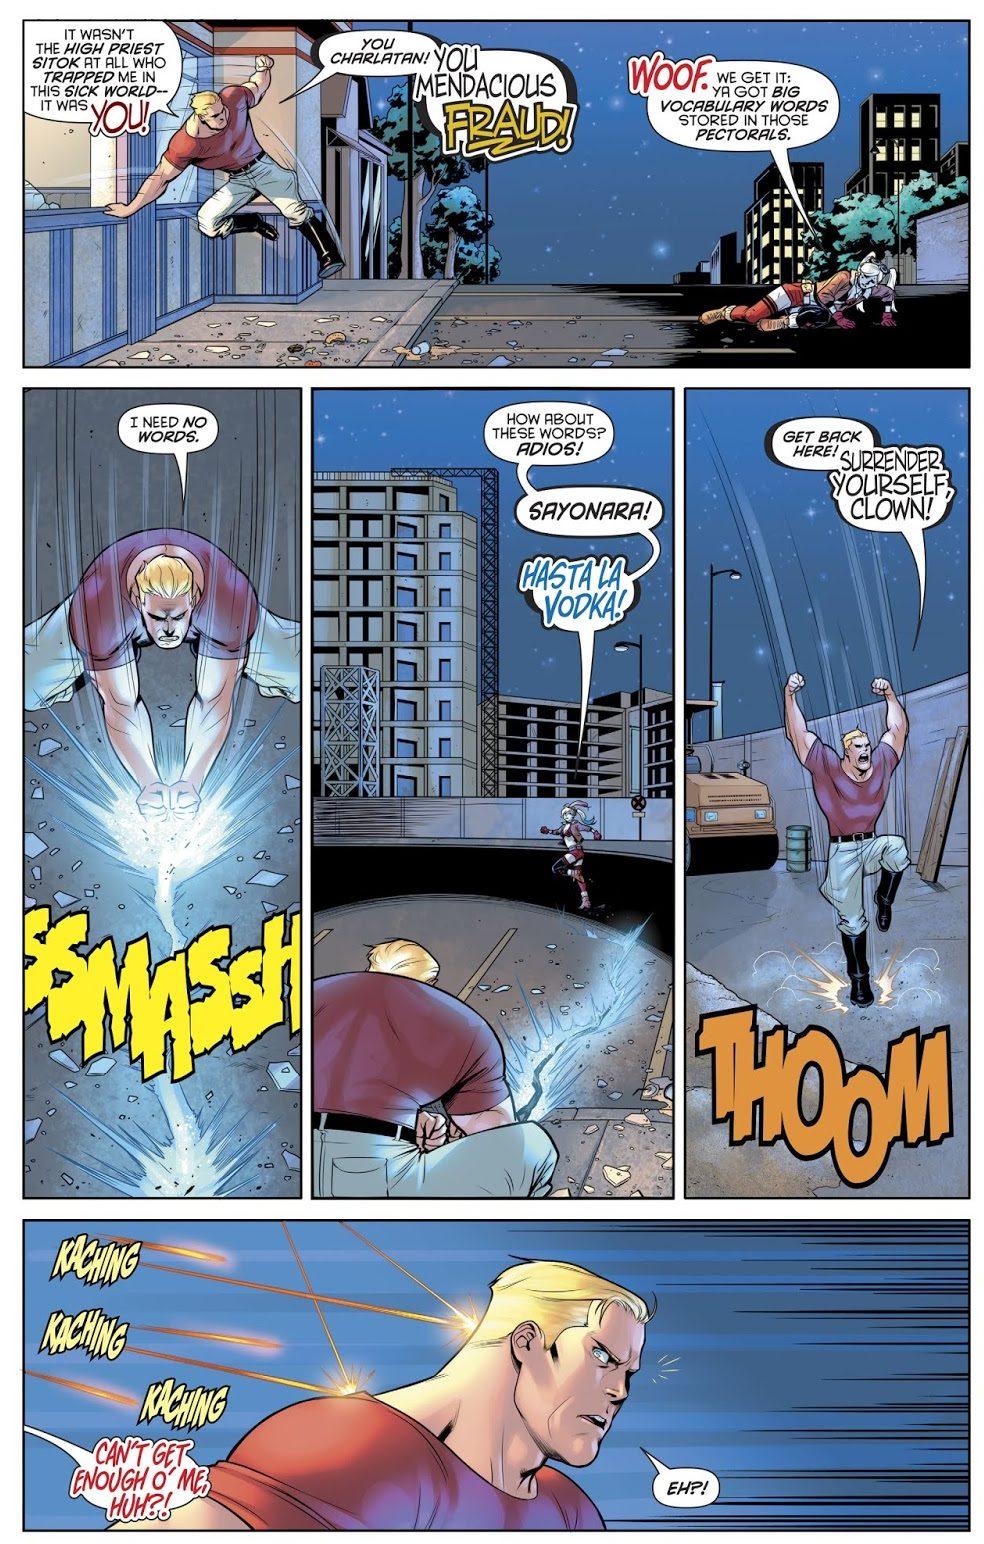 Harley Quinn VS Captain Triumph